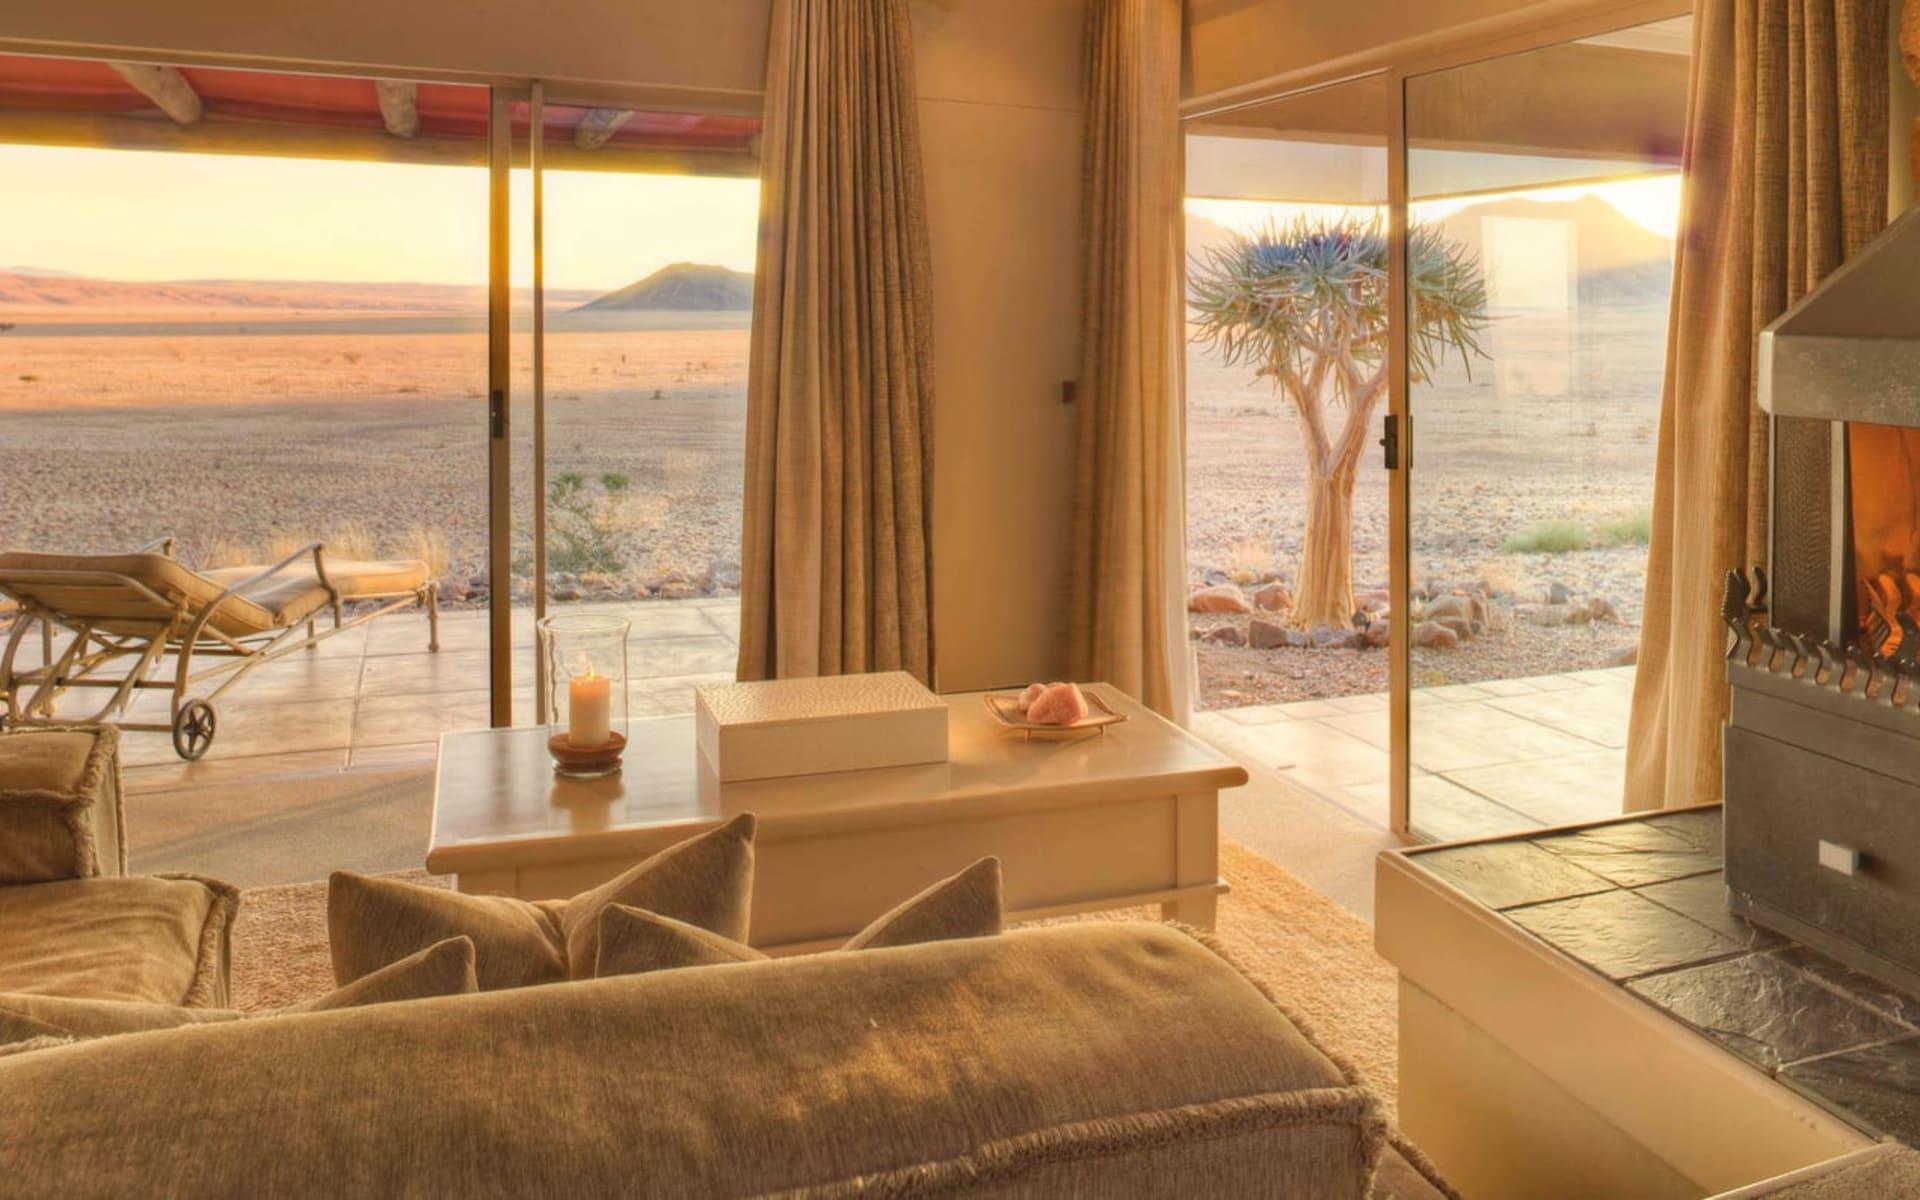 Sossusvlei Desert Lodge in NamibRand Nature Reserve: zimmer Sossusvlei Desert Lodge - Schlafzimmer mit Blick auf Wuestenlandschaft c andBeyond